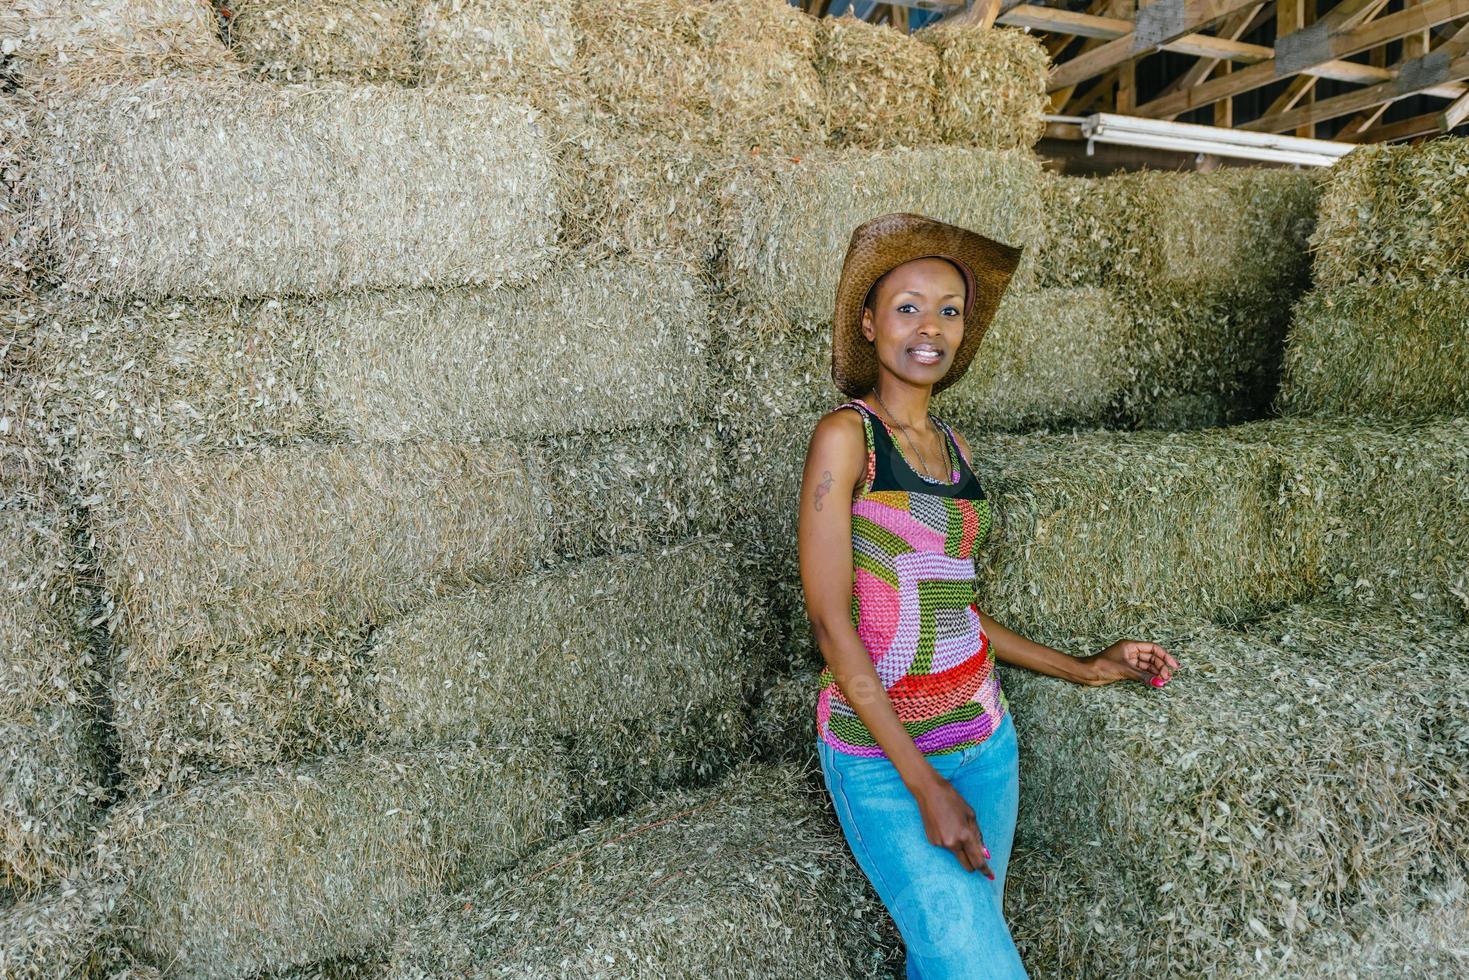 mujer de granja foto